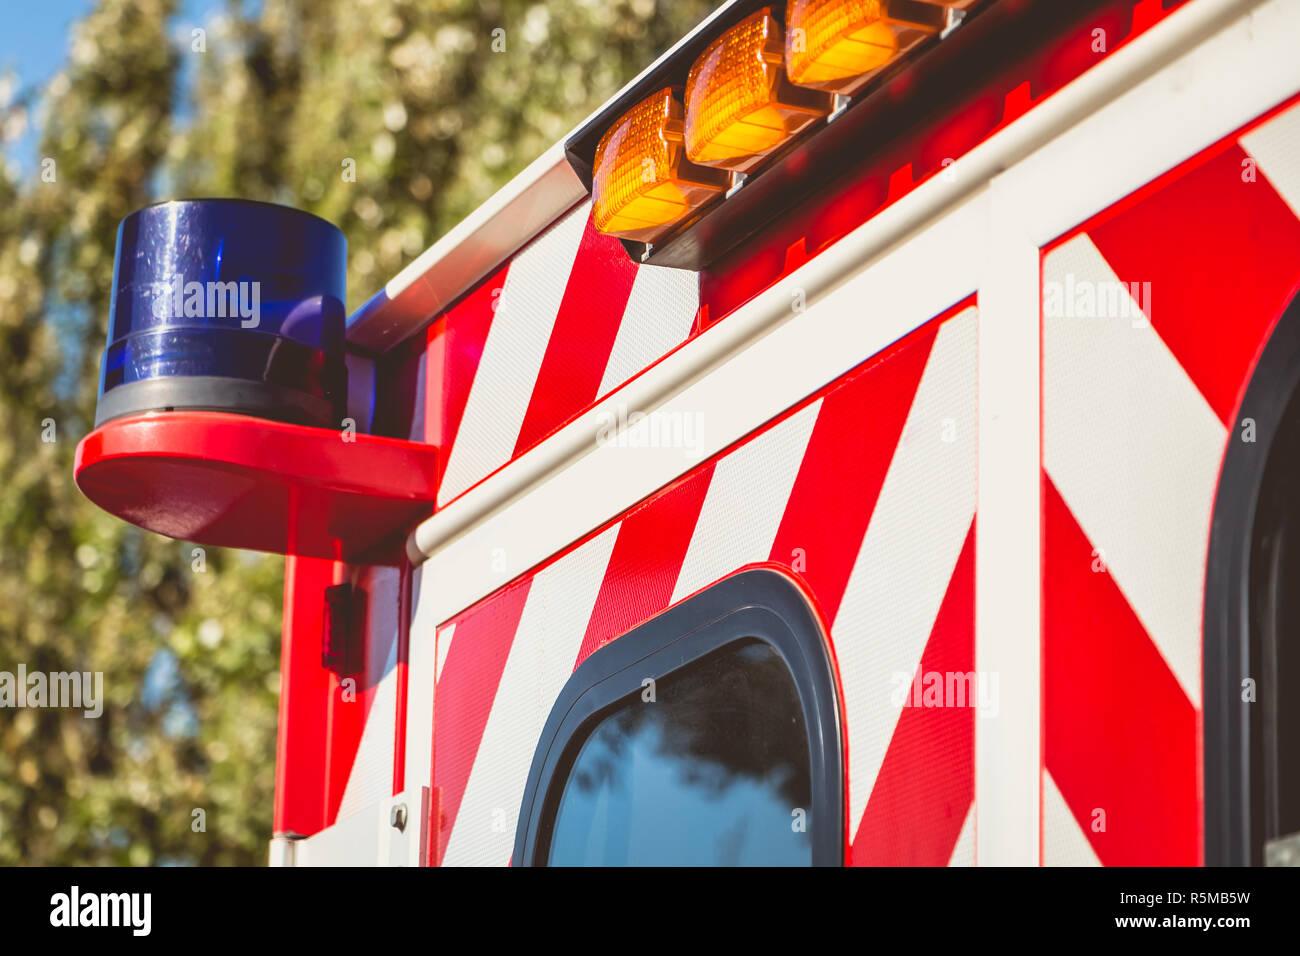 blue flashing light on a red ambulance Stock Photo